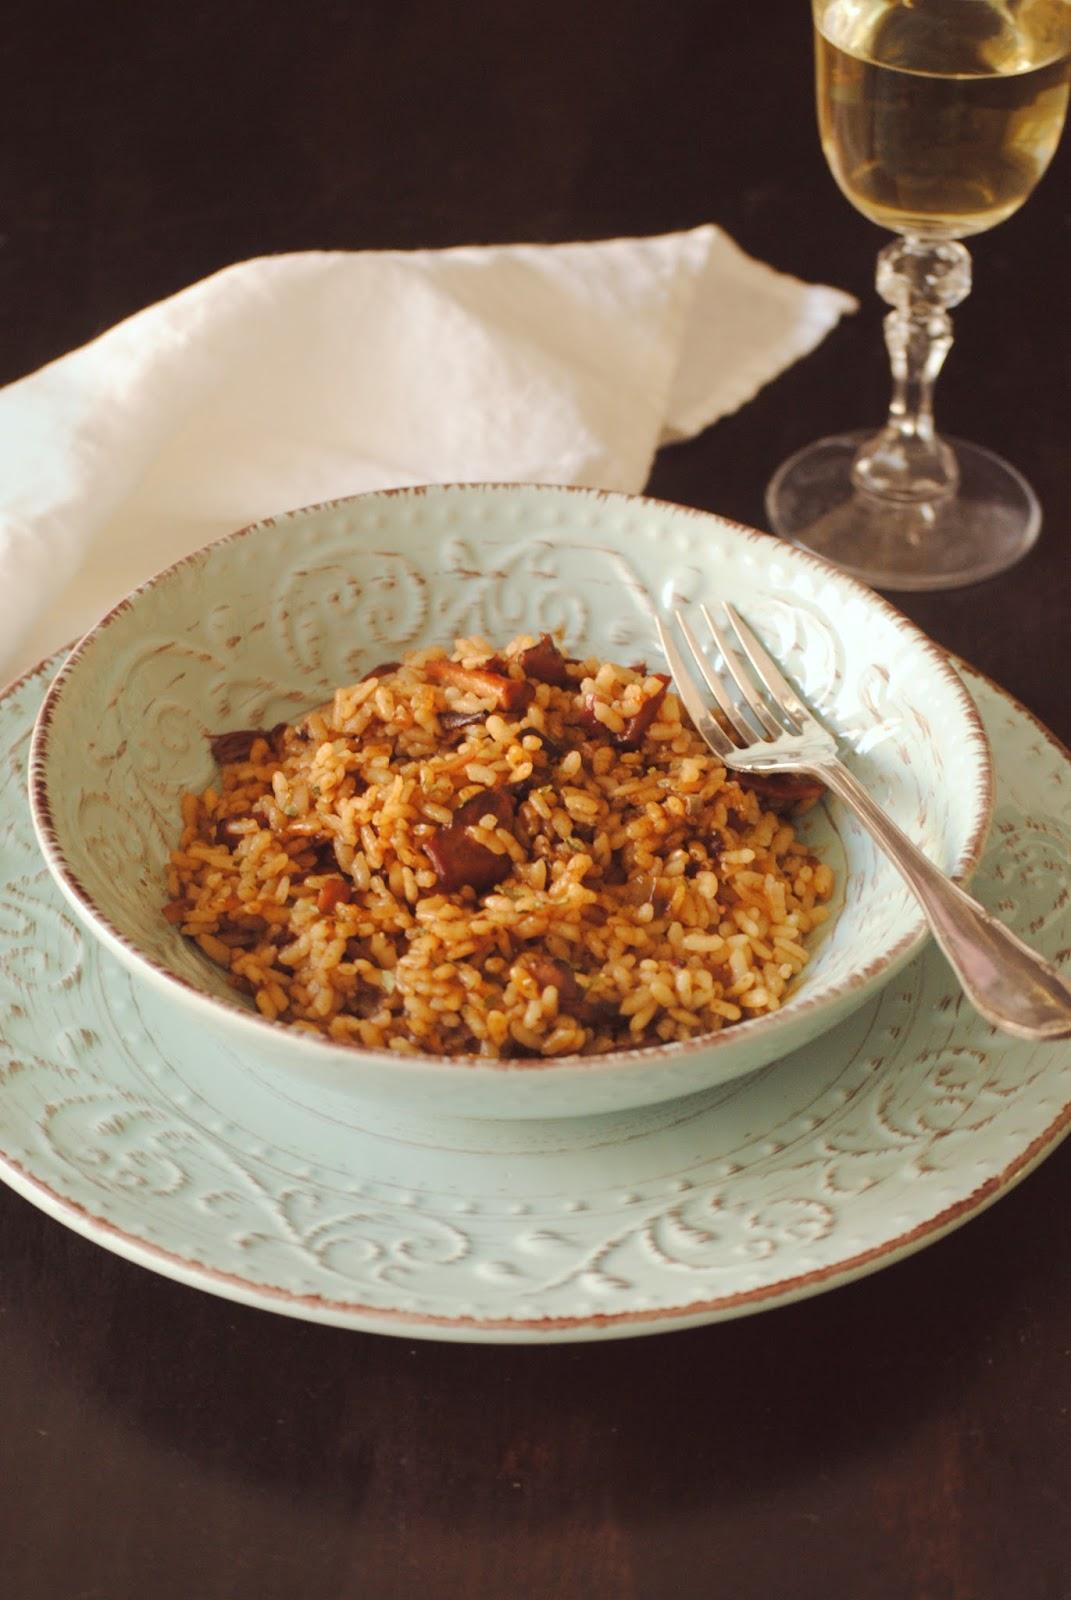 Cocinando con neus arroz con calamares en conserva en su tinta - Cocinar con conservas ...